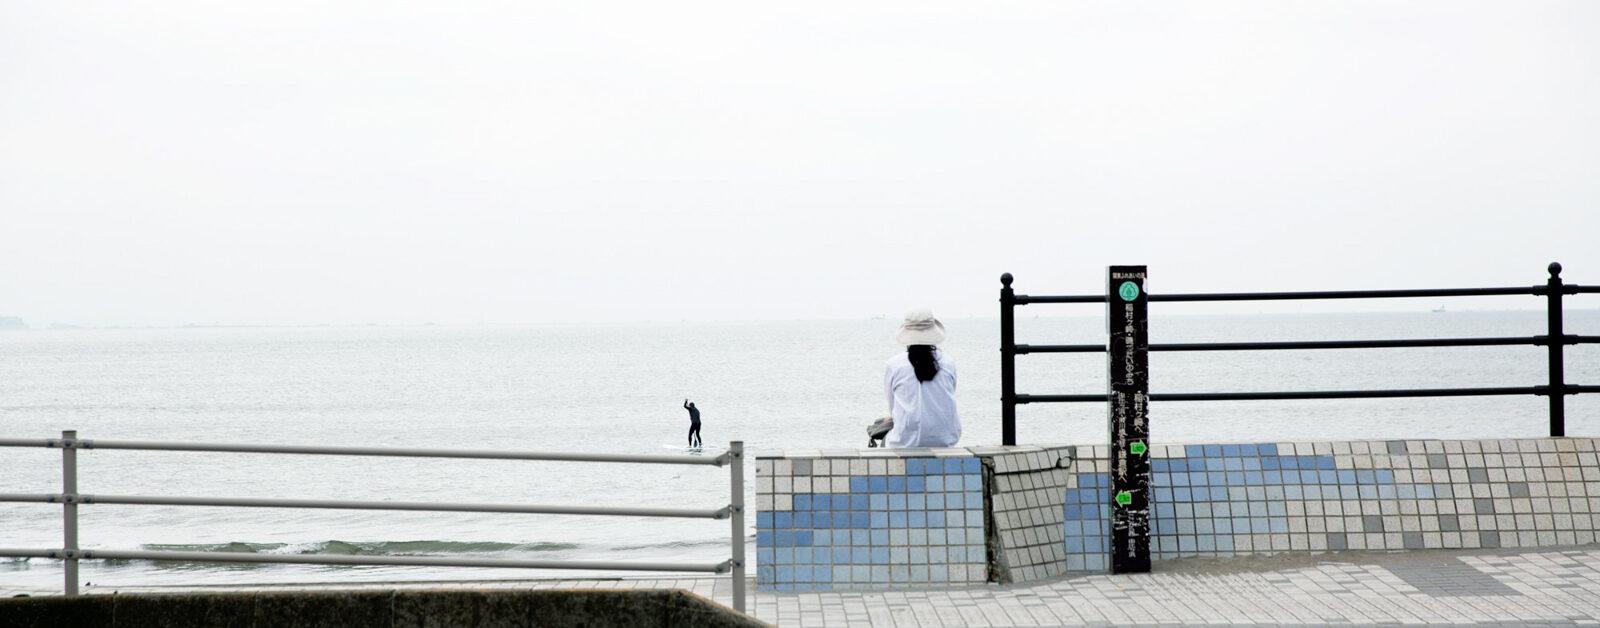 haletto house SAKANOSHITAの近くの海で佇む女性1